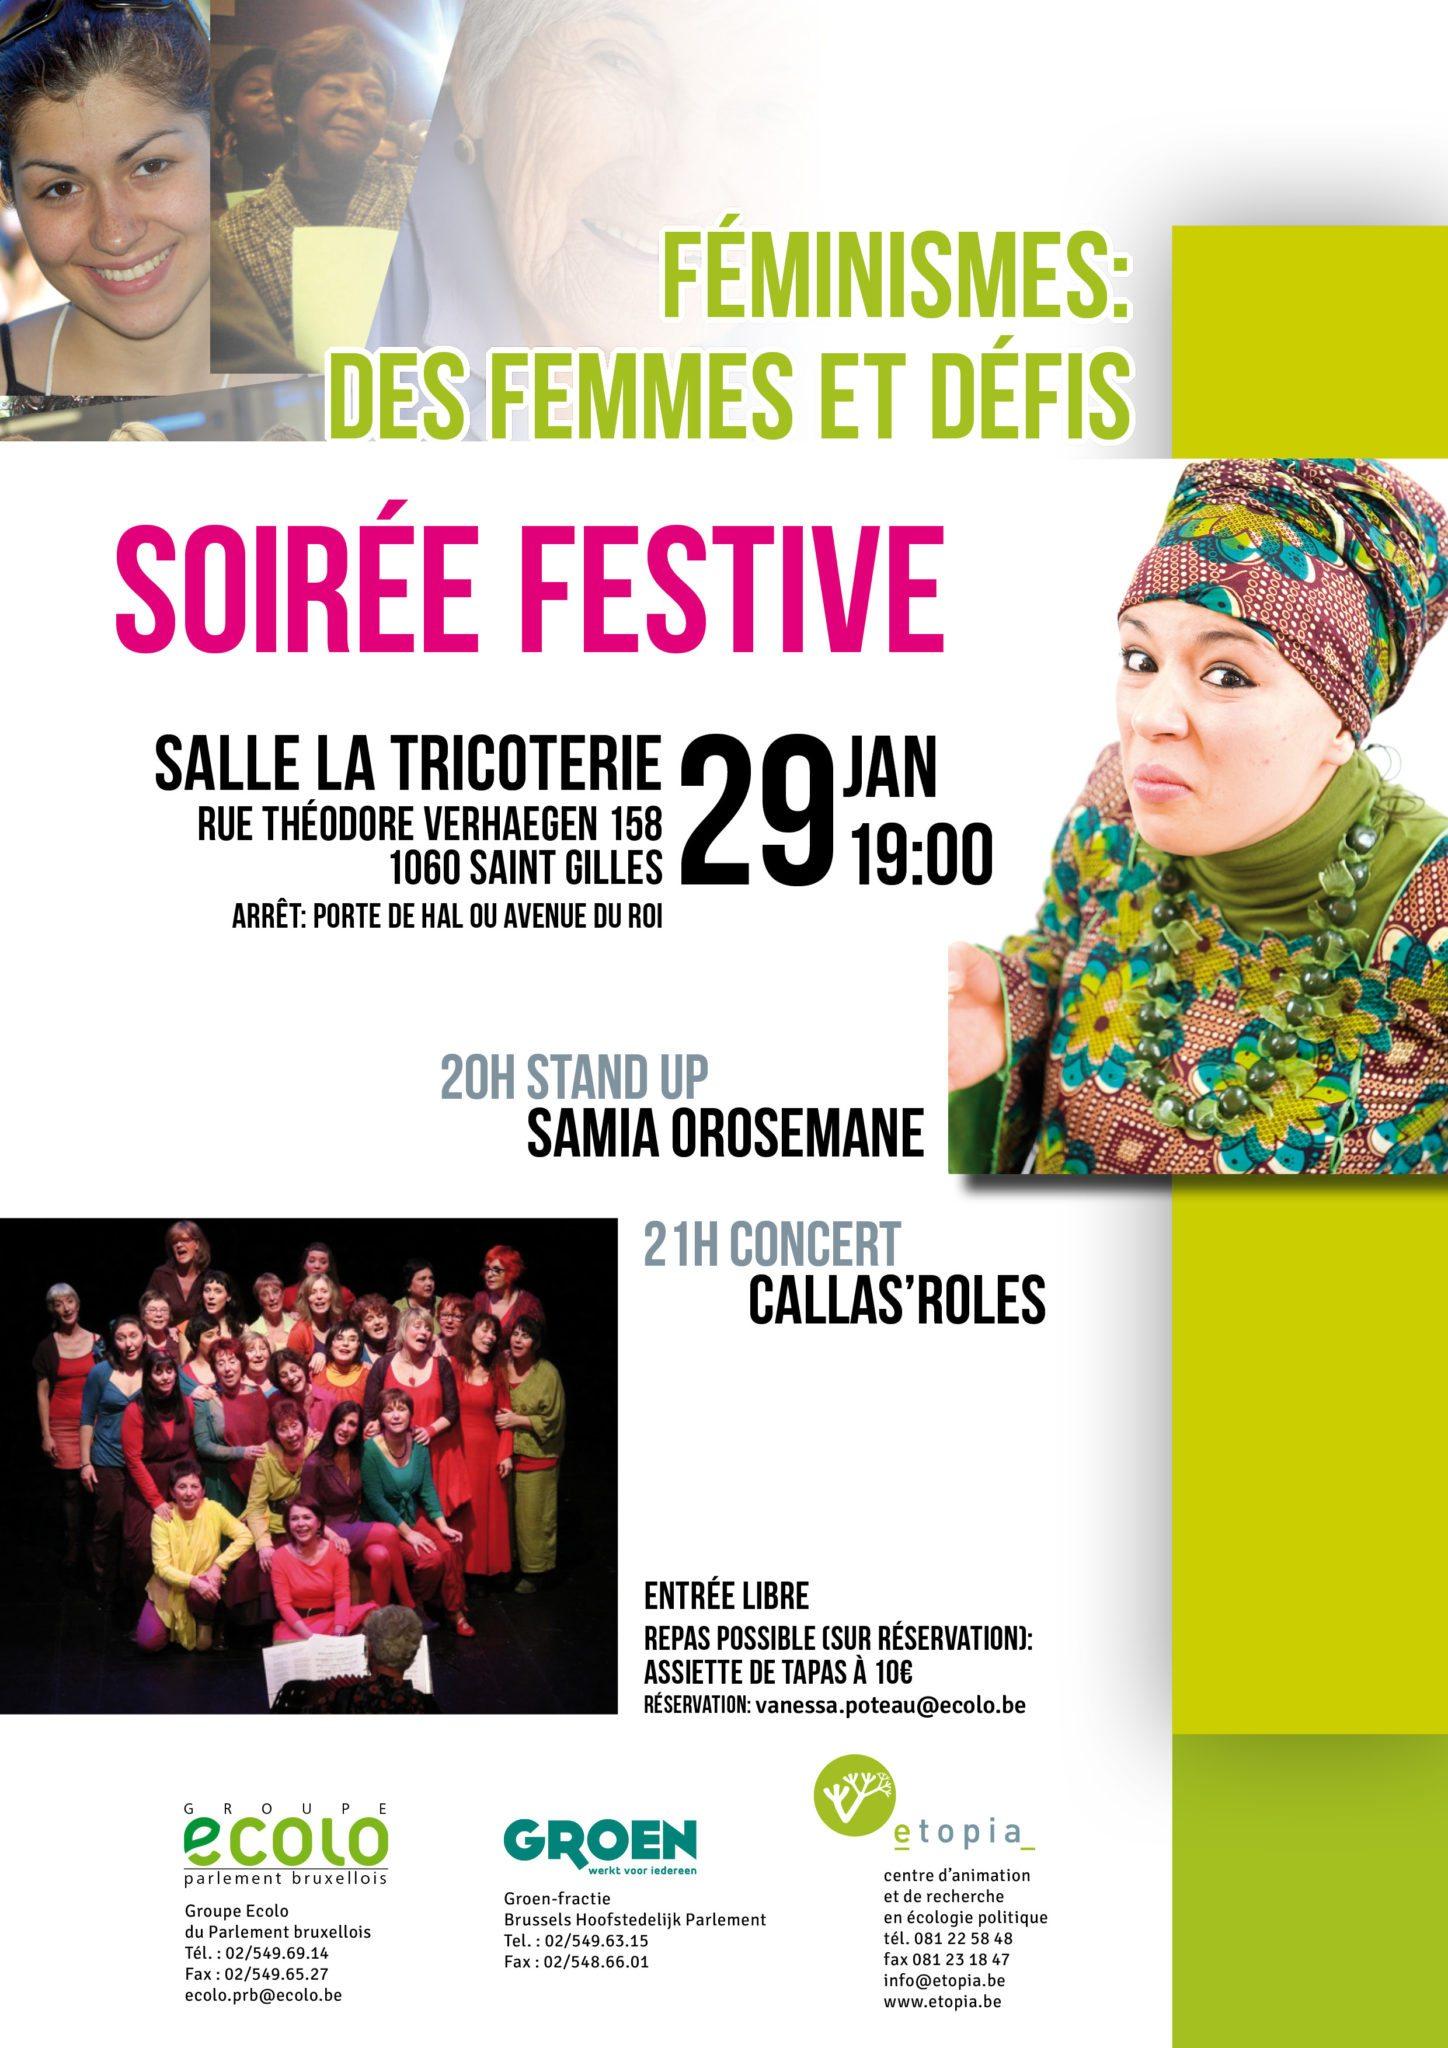 140129_Feminisme_Soiree_festive.jpg